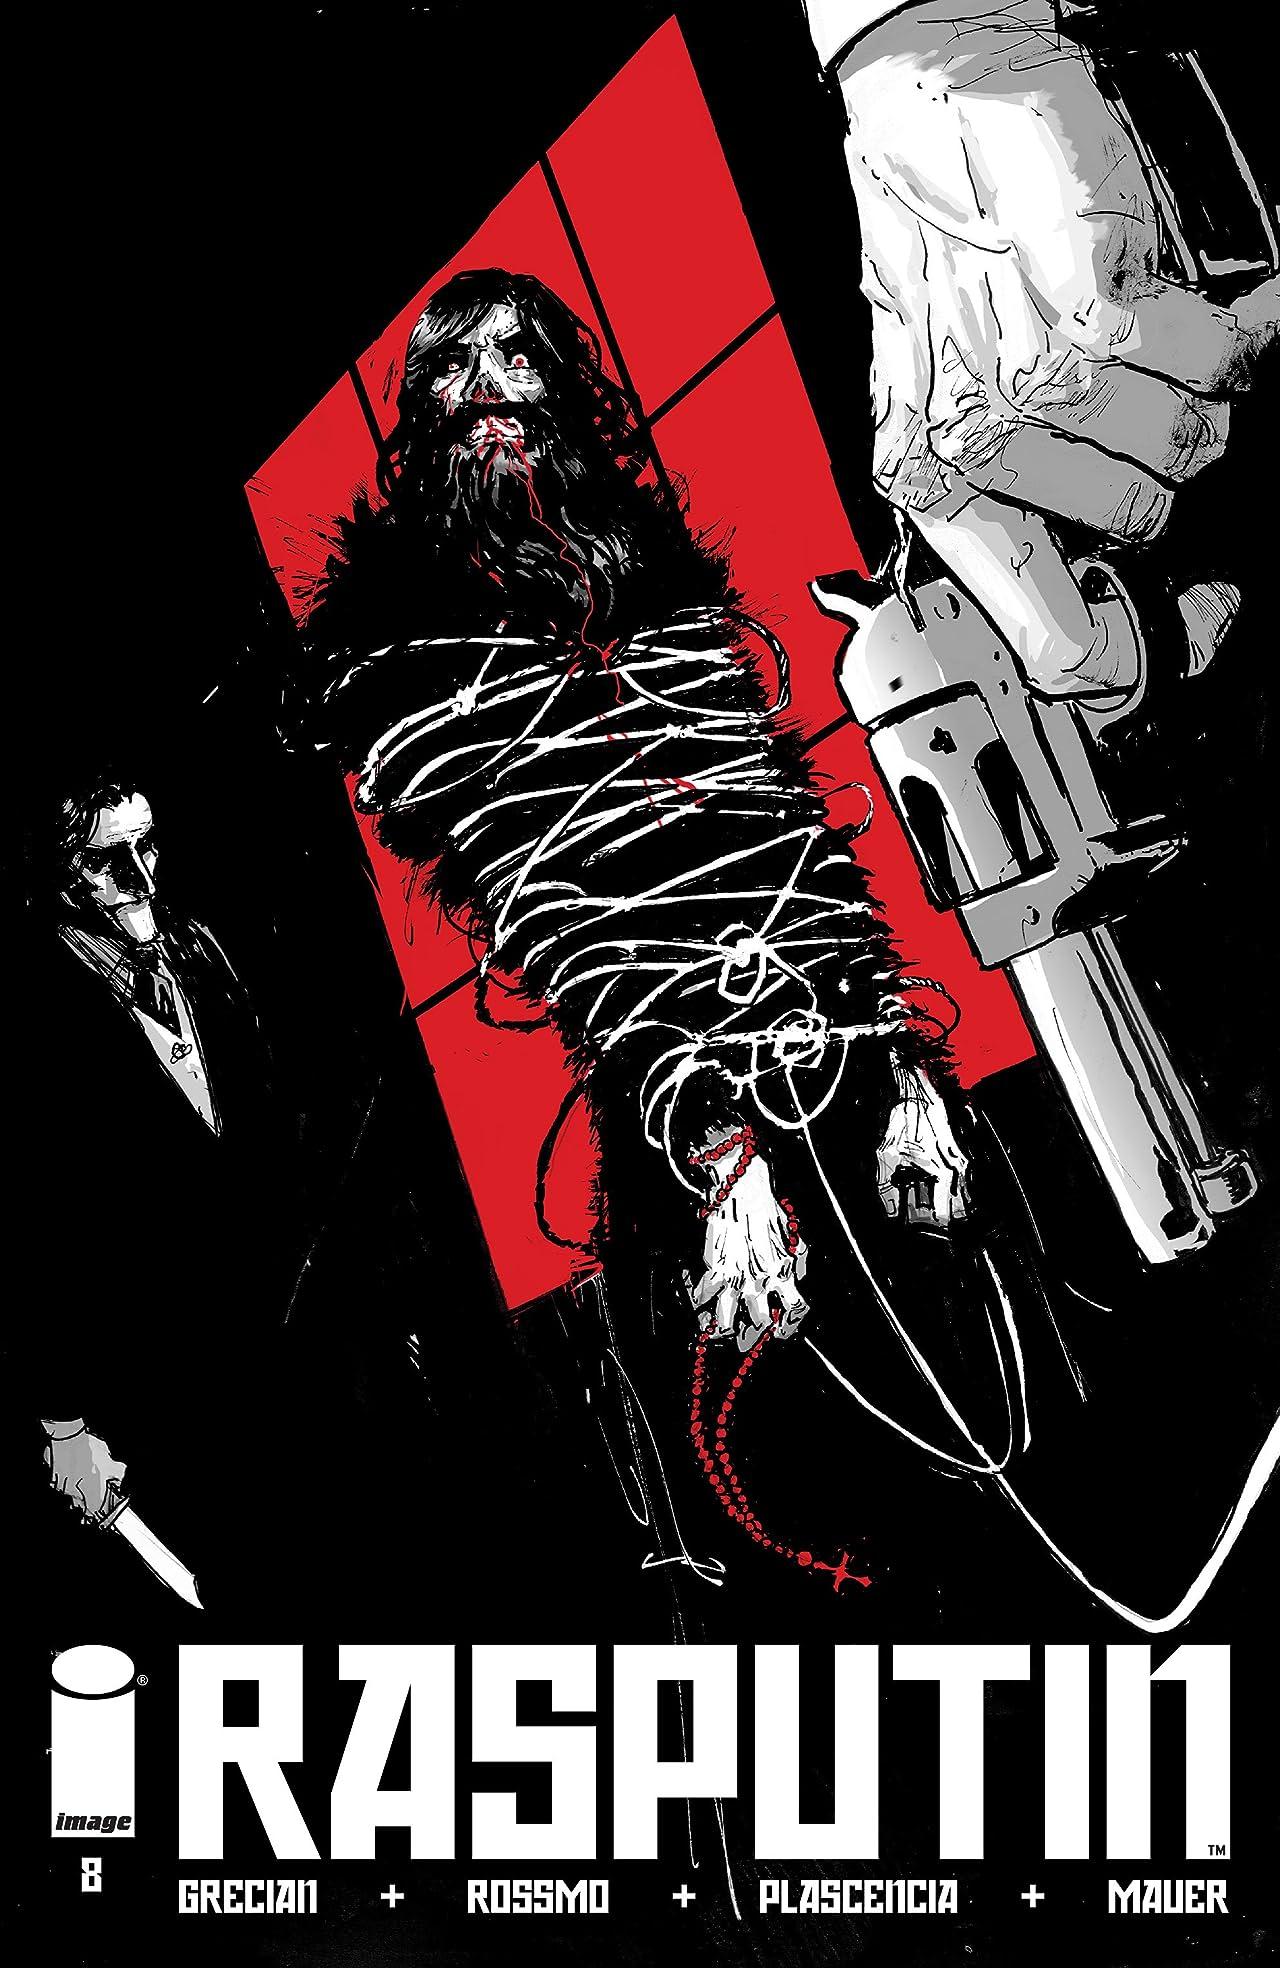 Rasputin #8